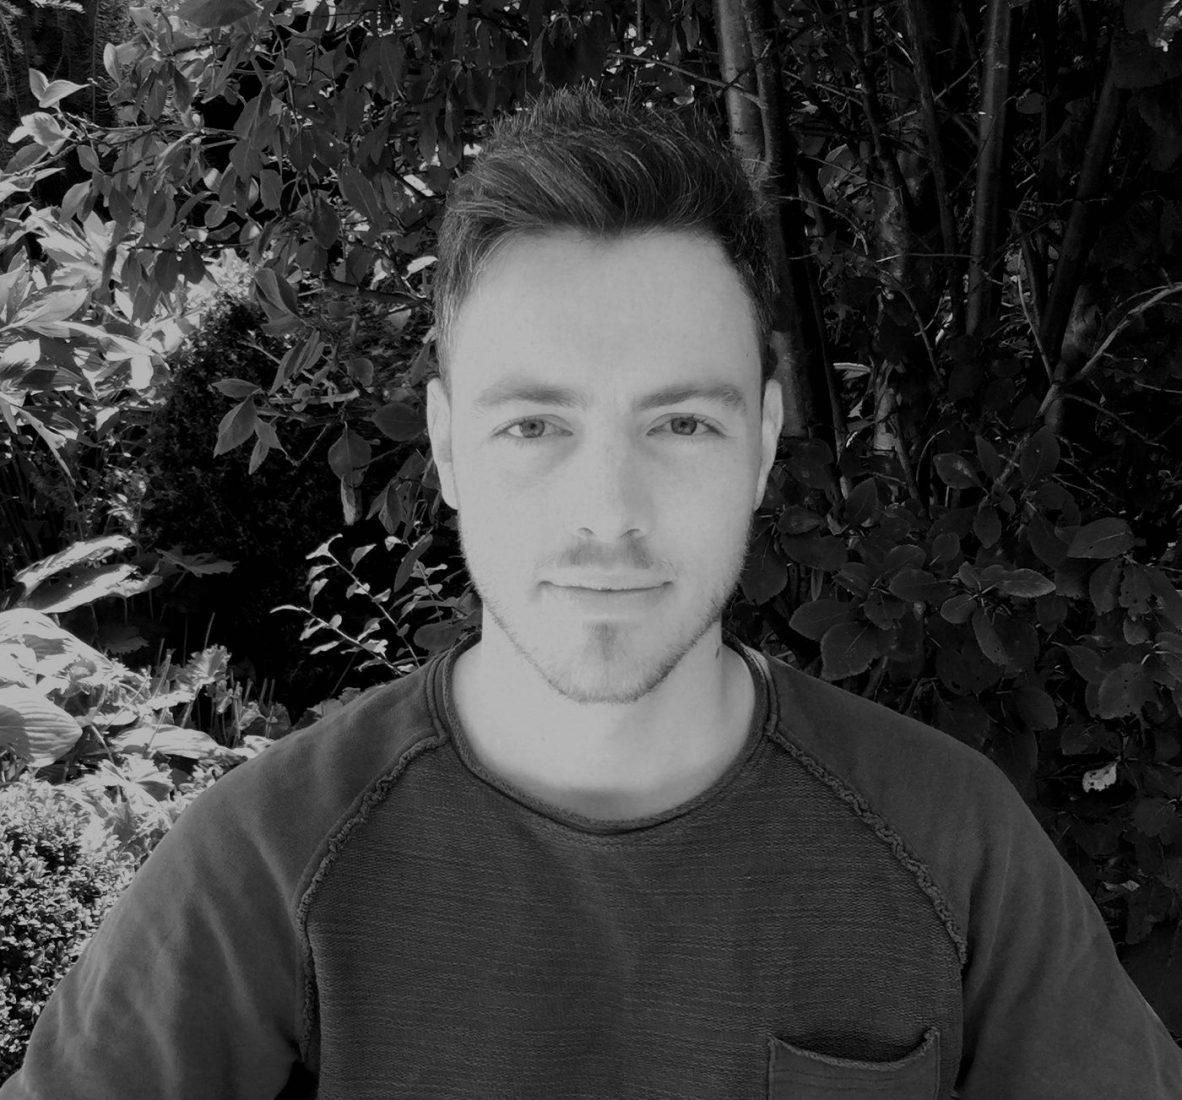 Lucas Mitterer lebt in Wien. Kaffeehäuser, Beisln und Würstlstände sind sein natürlicher Lebensraum. Nebenbei macht er seinen Master in Translation.